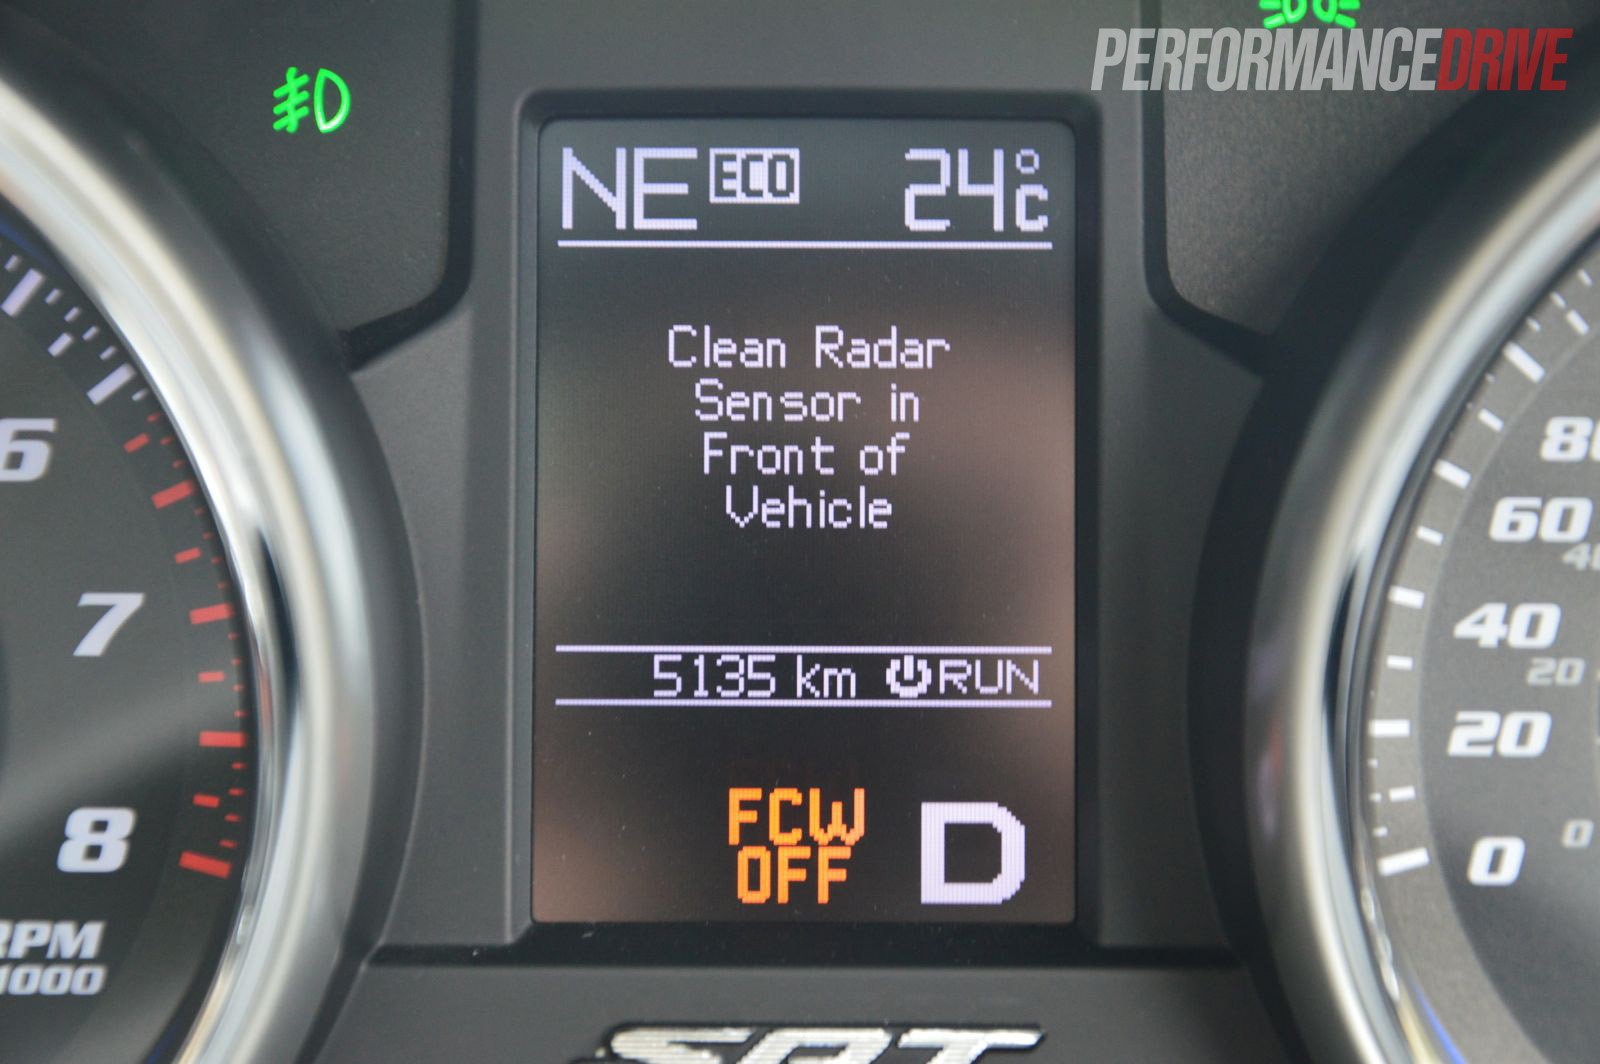 2013 Jeep Grand Cherokee Srt8 Dirty Radar Sensor